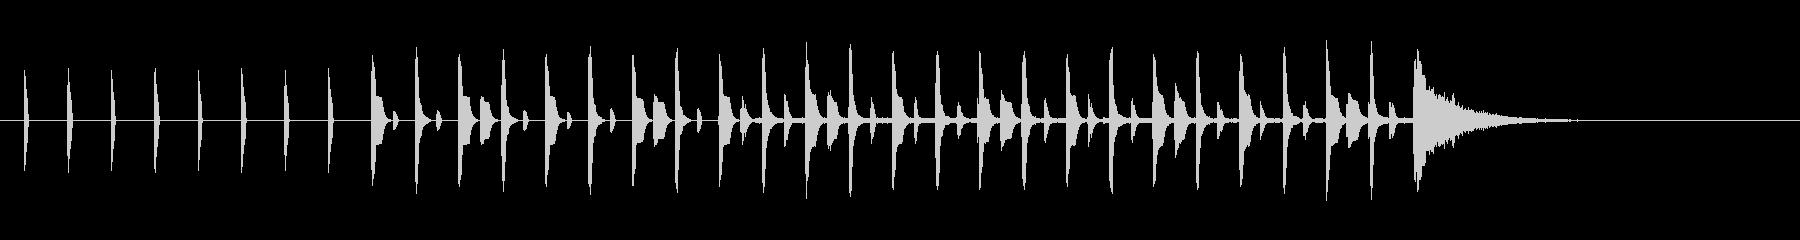 シンキングタイム15秒ピコピコサウンドの未再生の波形